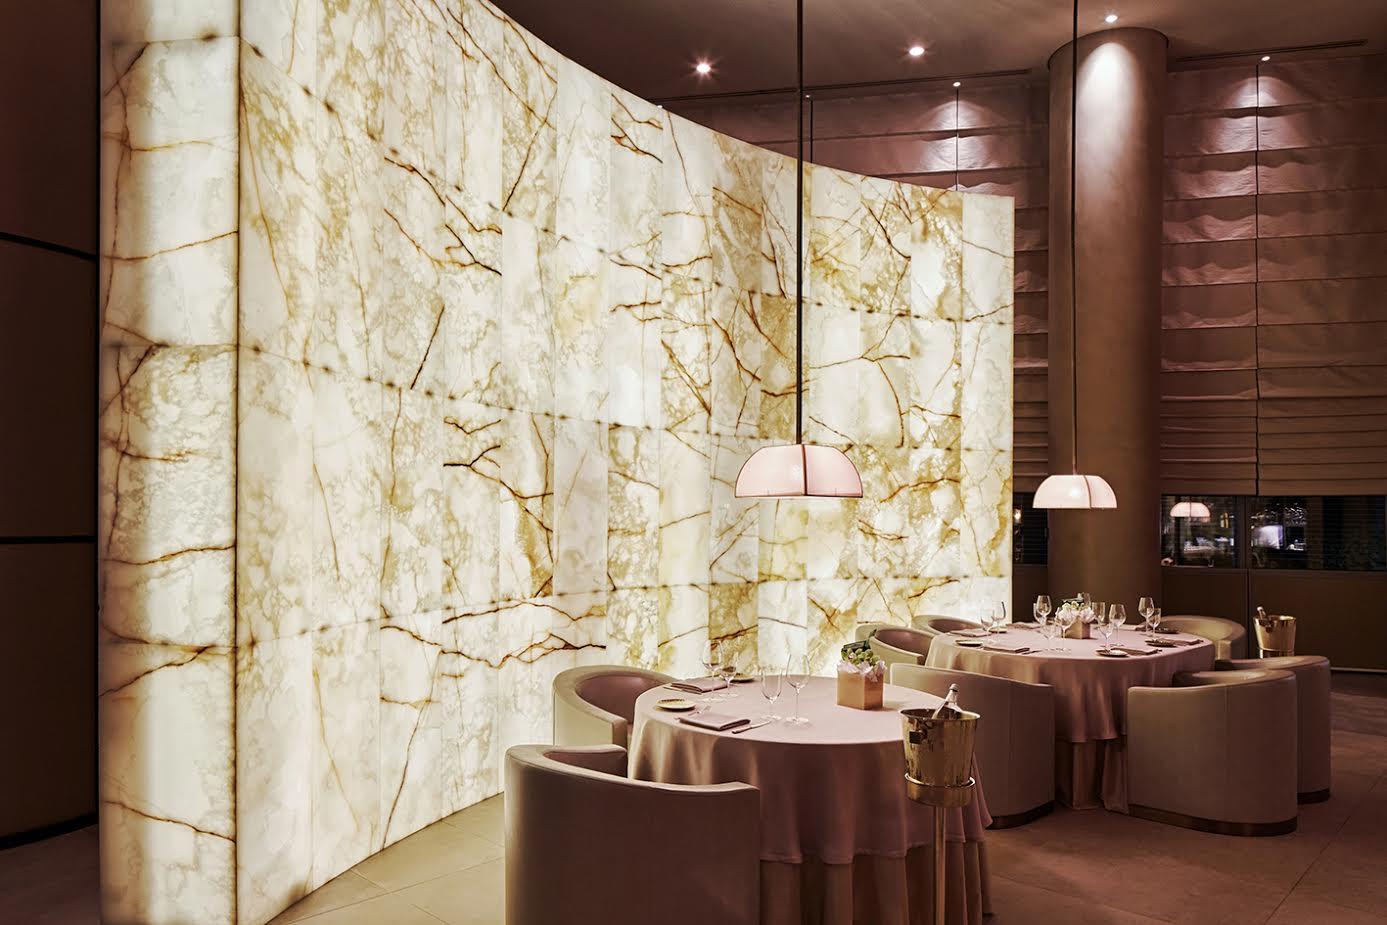 فندق أرماني دبي يستضيف الفعالية الثالثة ضمن سلسلة رحلة حول العالم